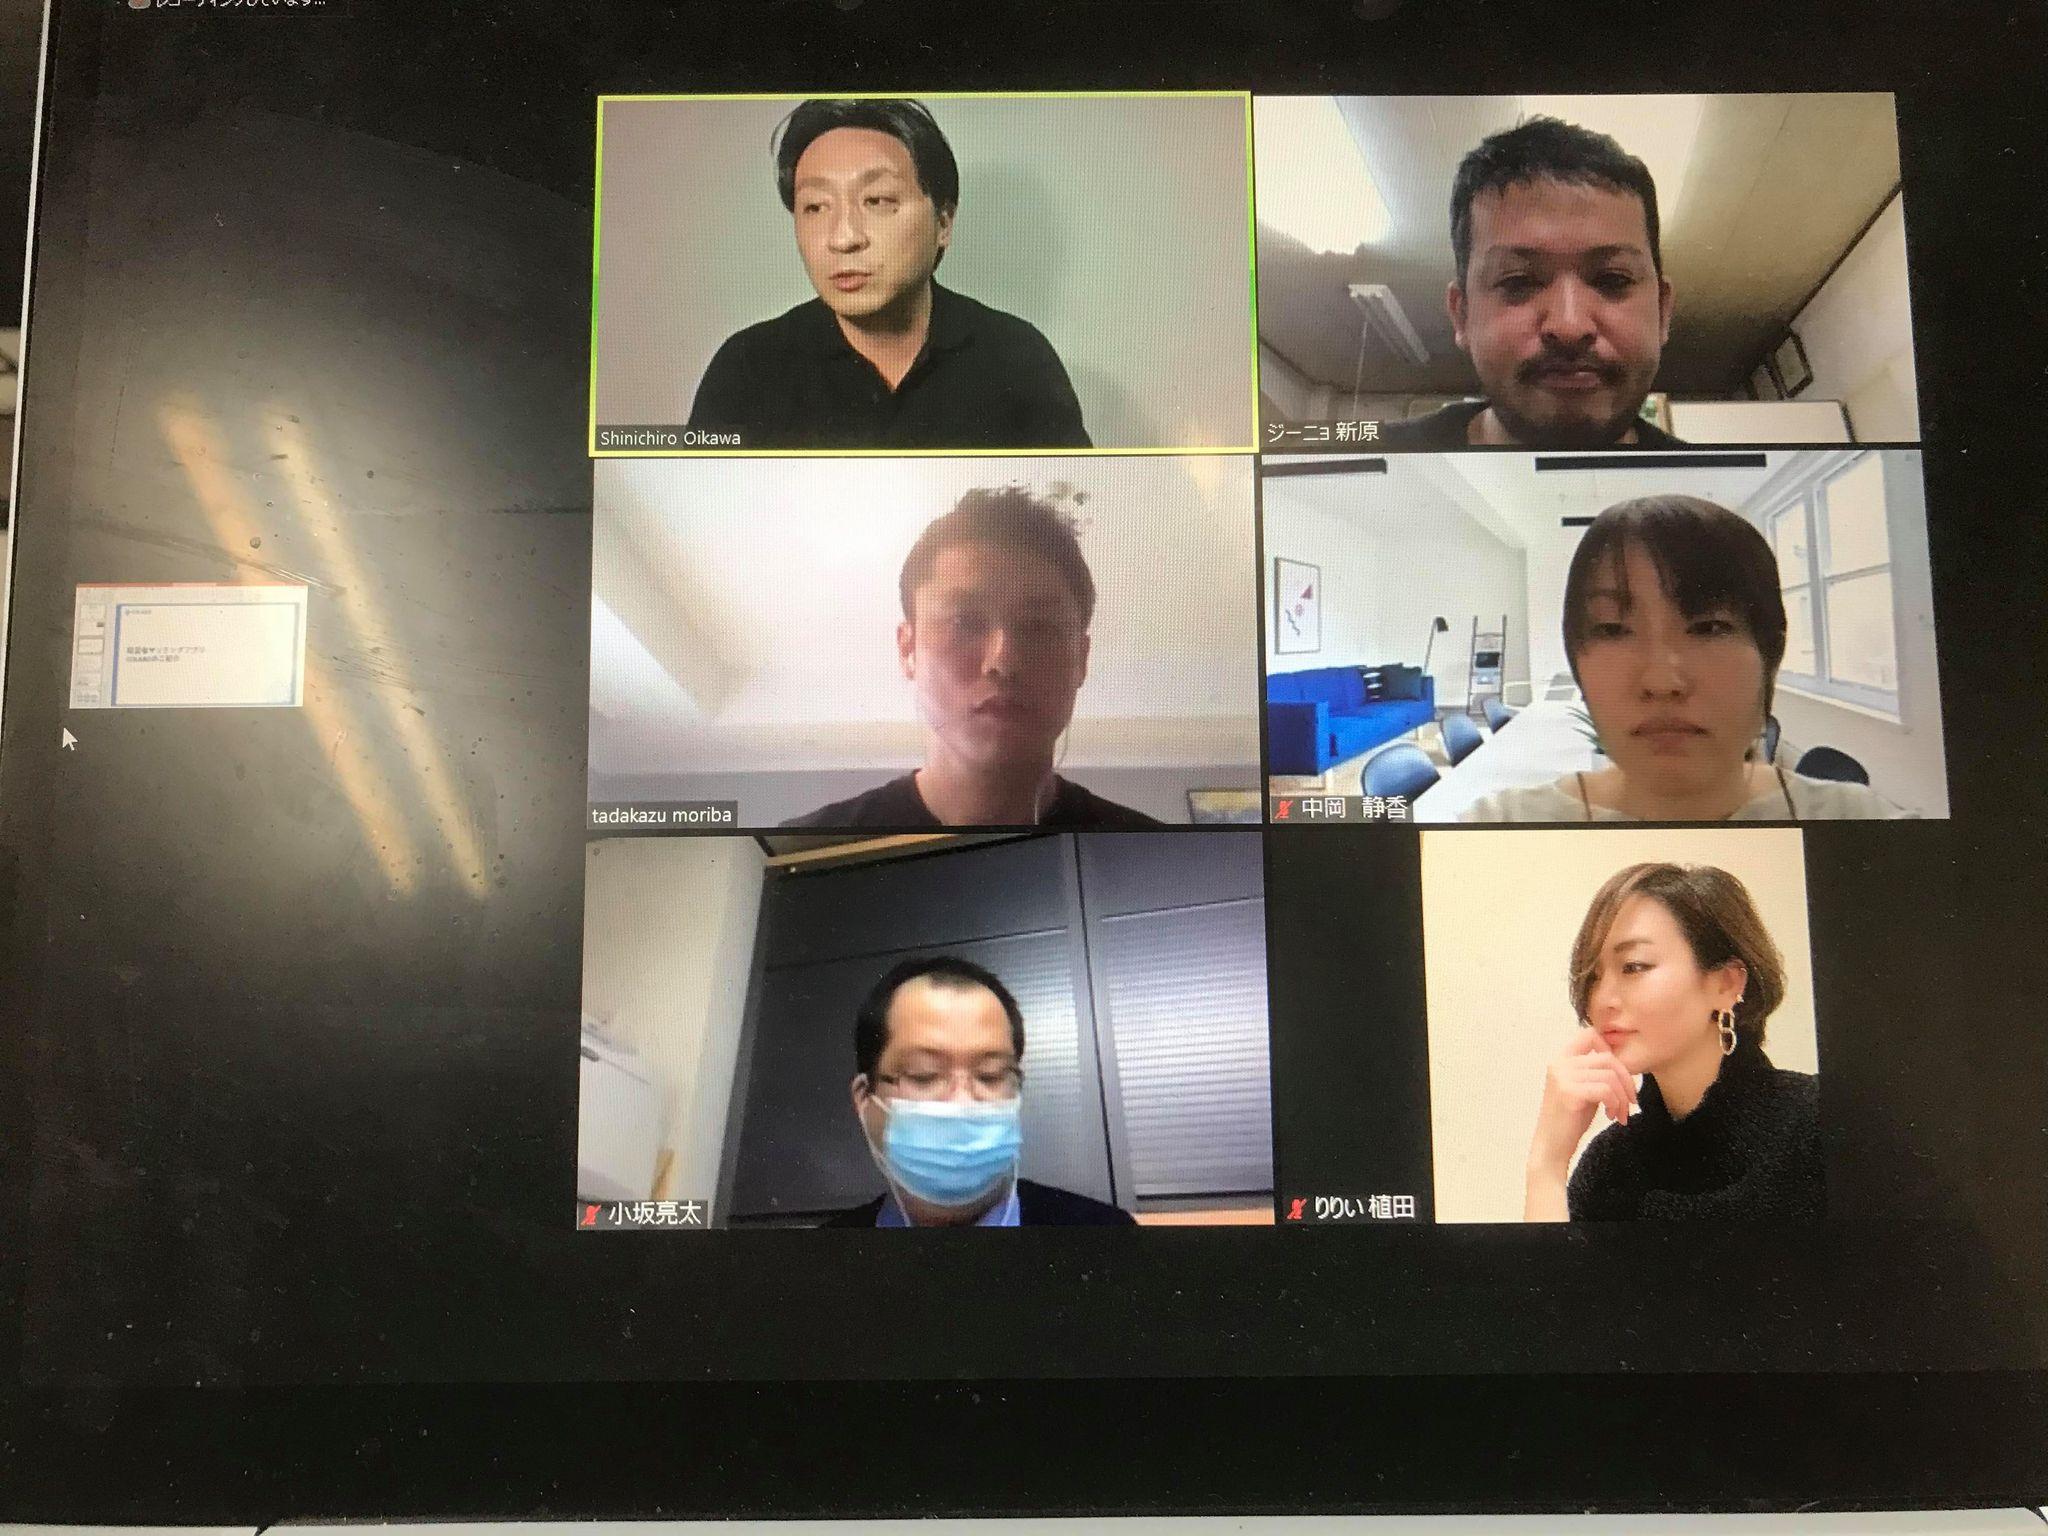 3月25日(木)18:30~ 【3月25日開催】NKCSオンラインサロン説明会(士業オンラインサロン会)×ミニ営業勉強会を開催しました